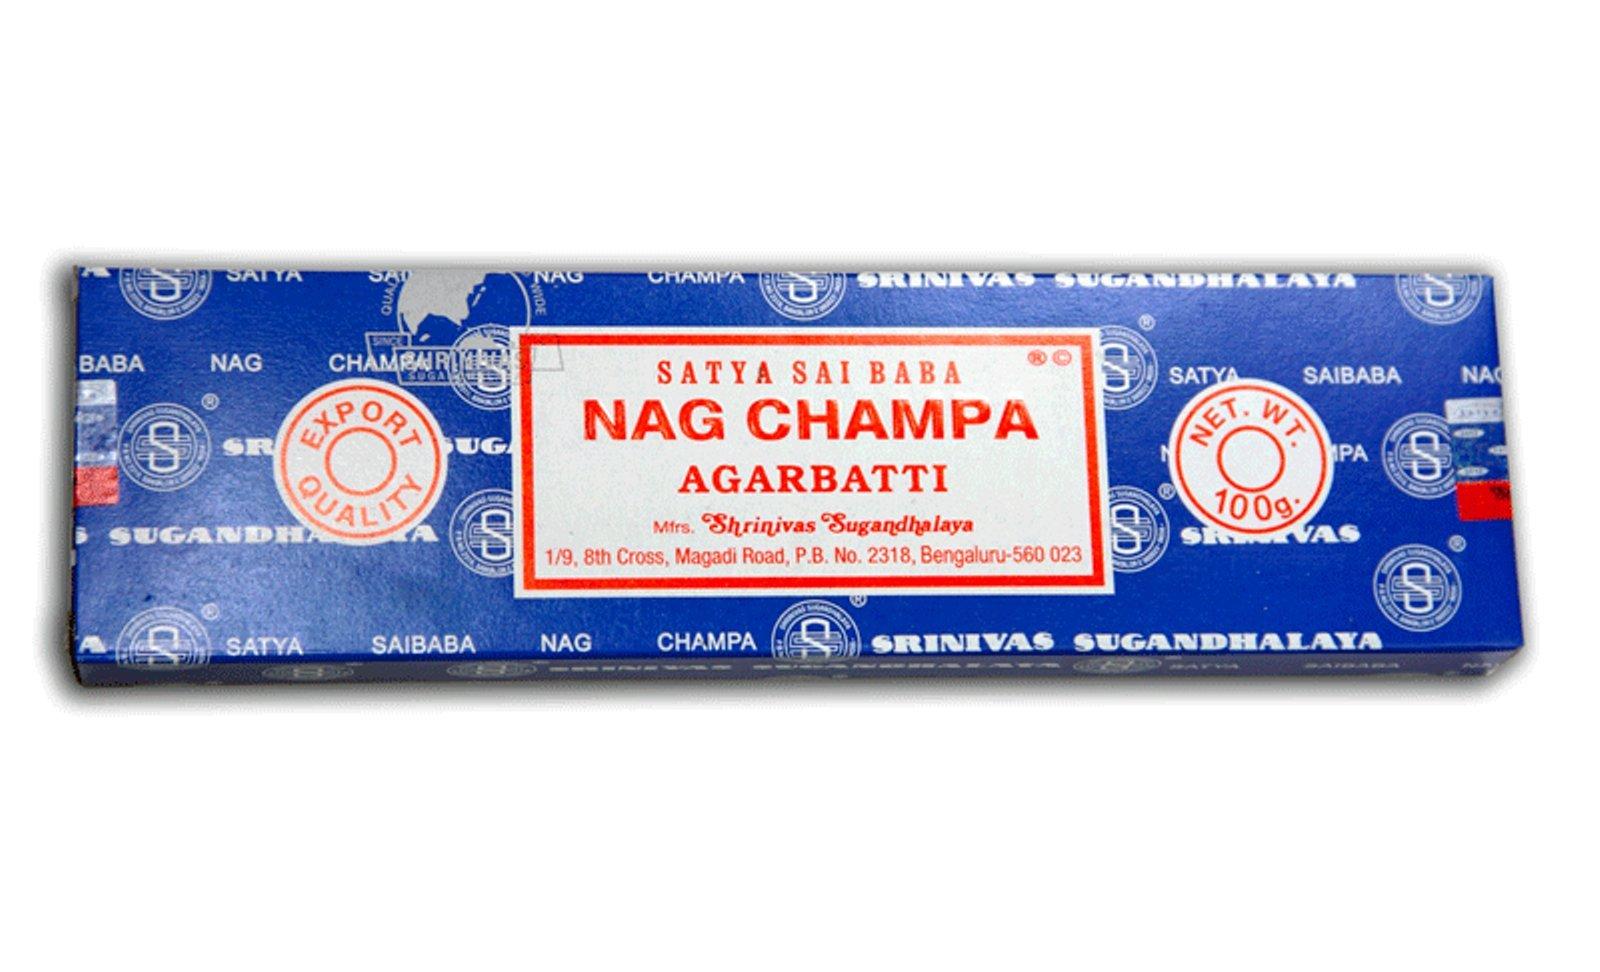 Nag Champa Satya Sai Baba Incense Sticks (200 grams)